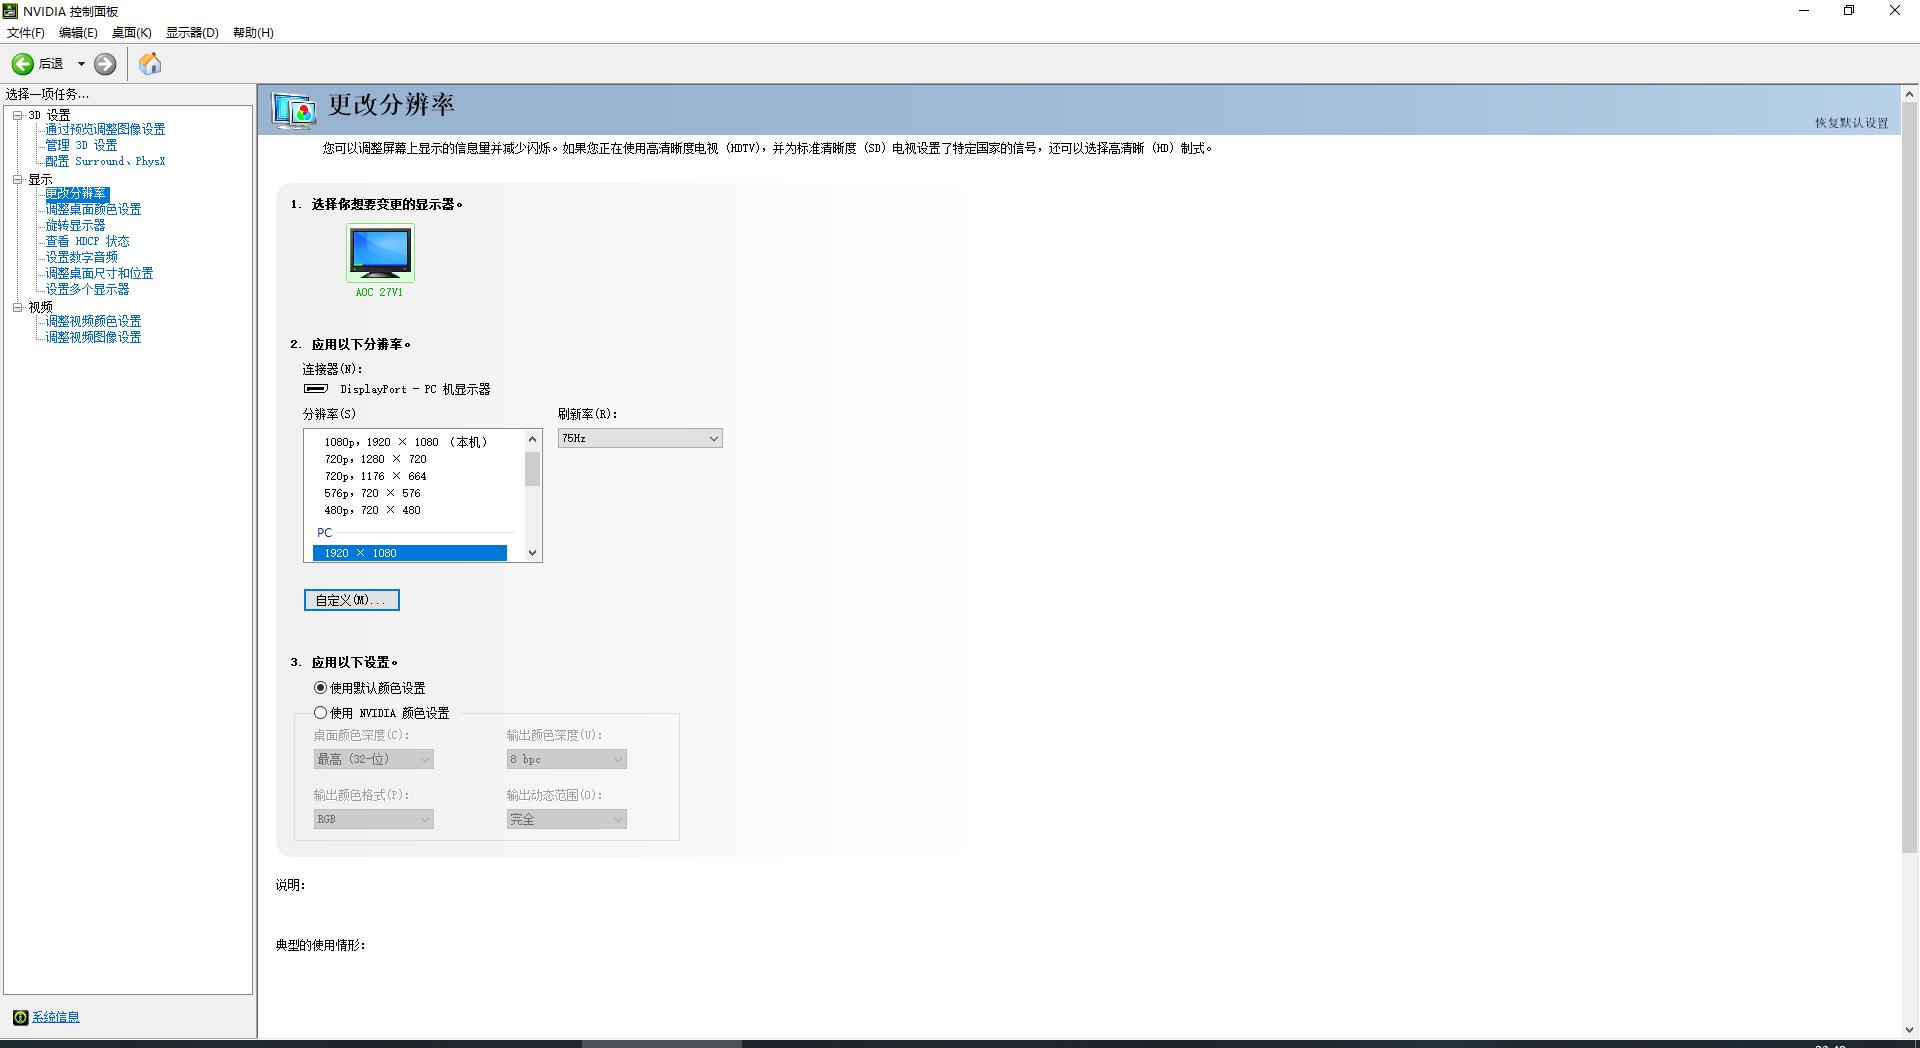 英伟达(NVIDIA)RTX GTX显卡优化教程